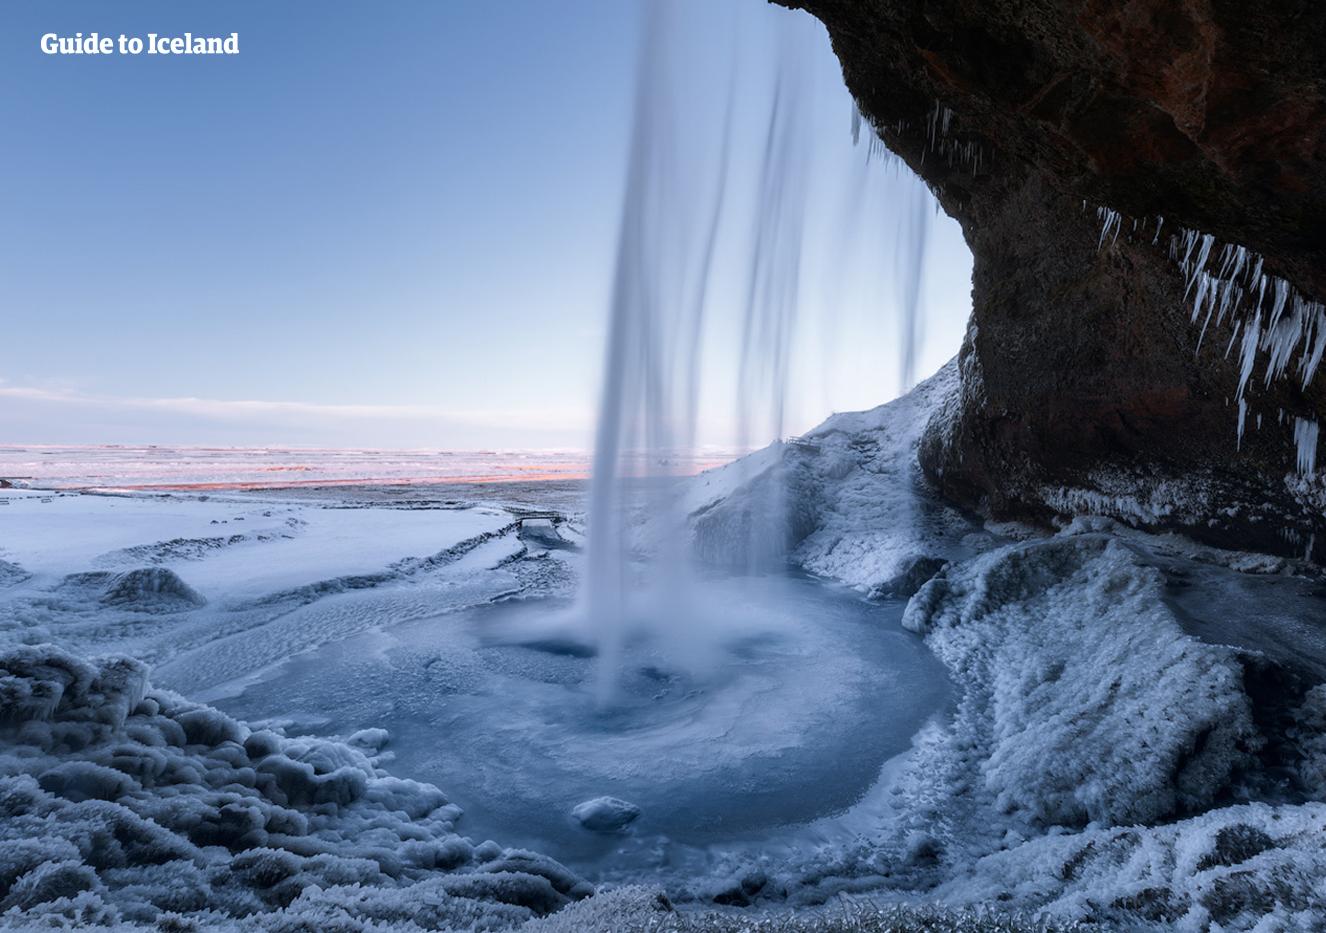 Genieße den Blick von einer Stelle hinter dem herabströmenden Quellwasser des Seljalandsfoss-Wasserfalls an der Südküste.